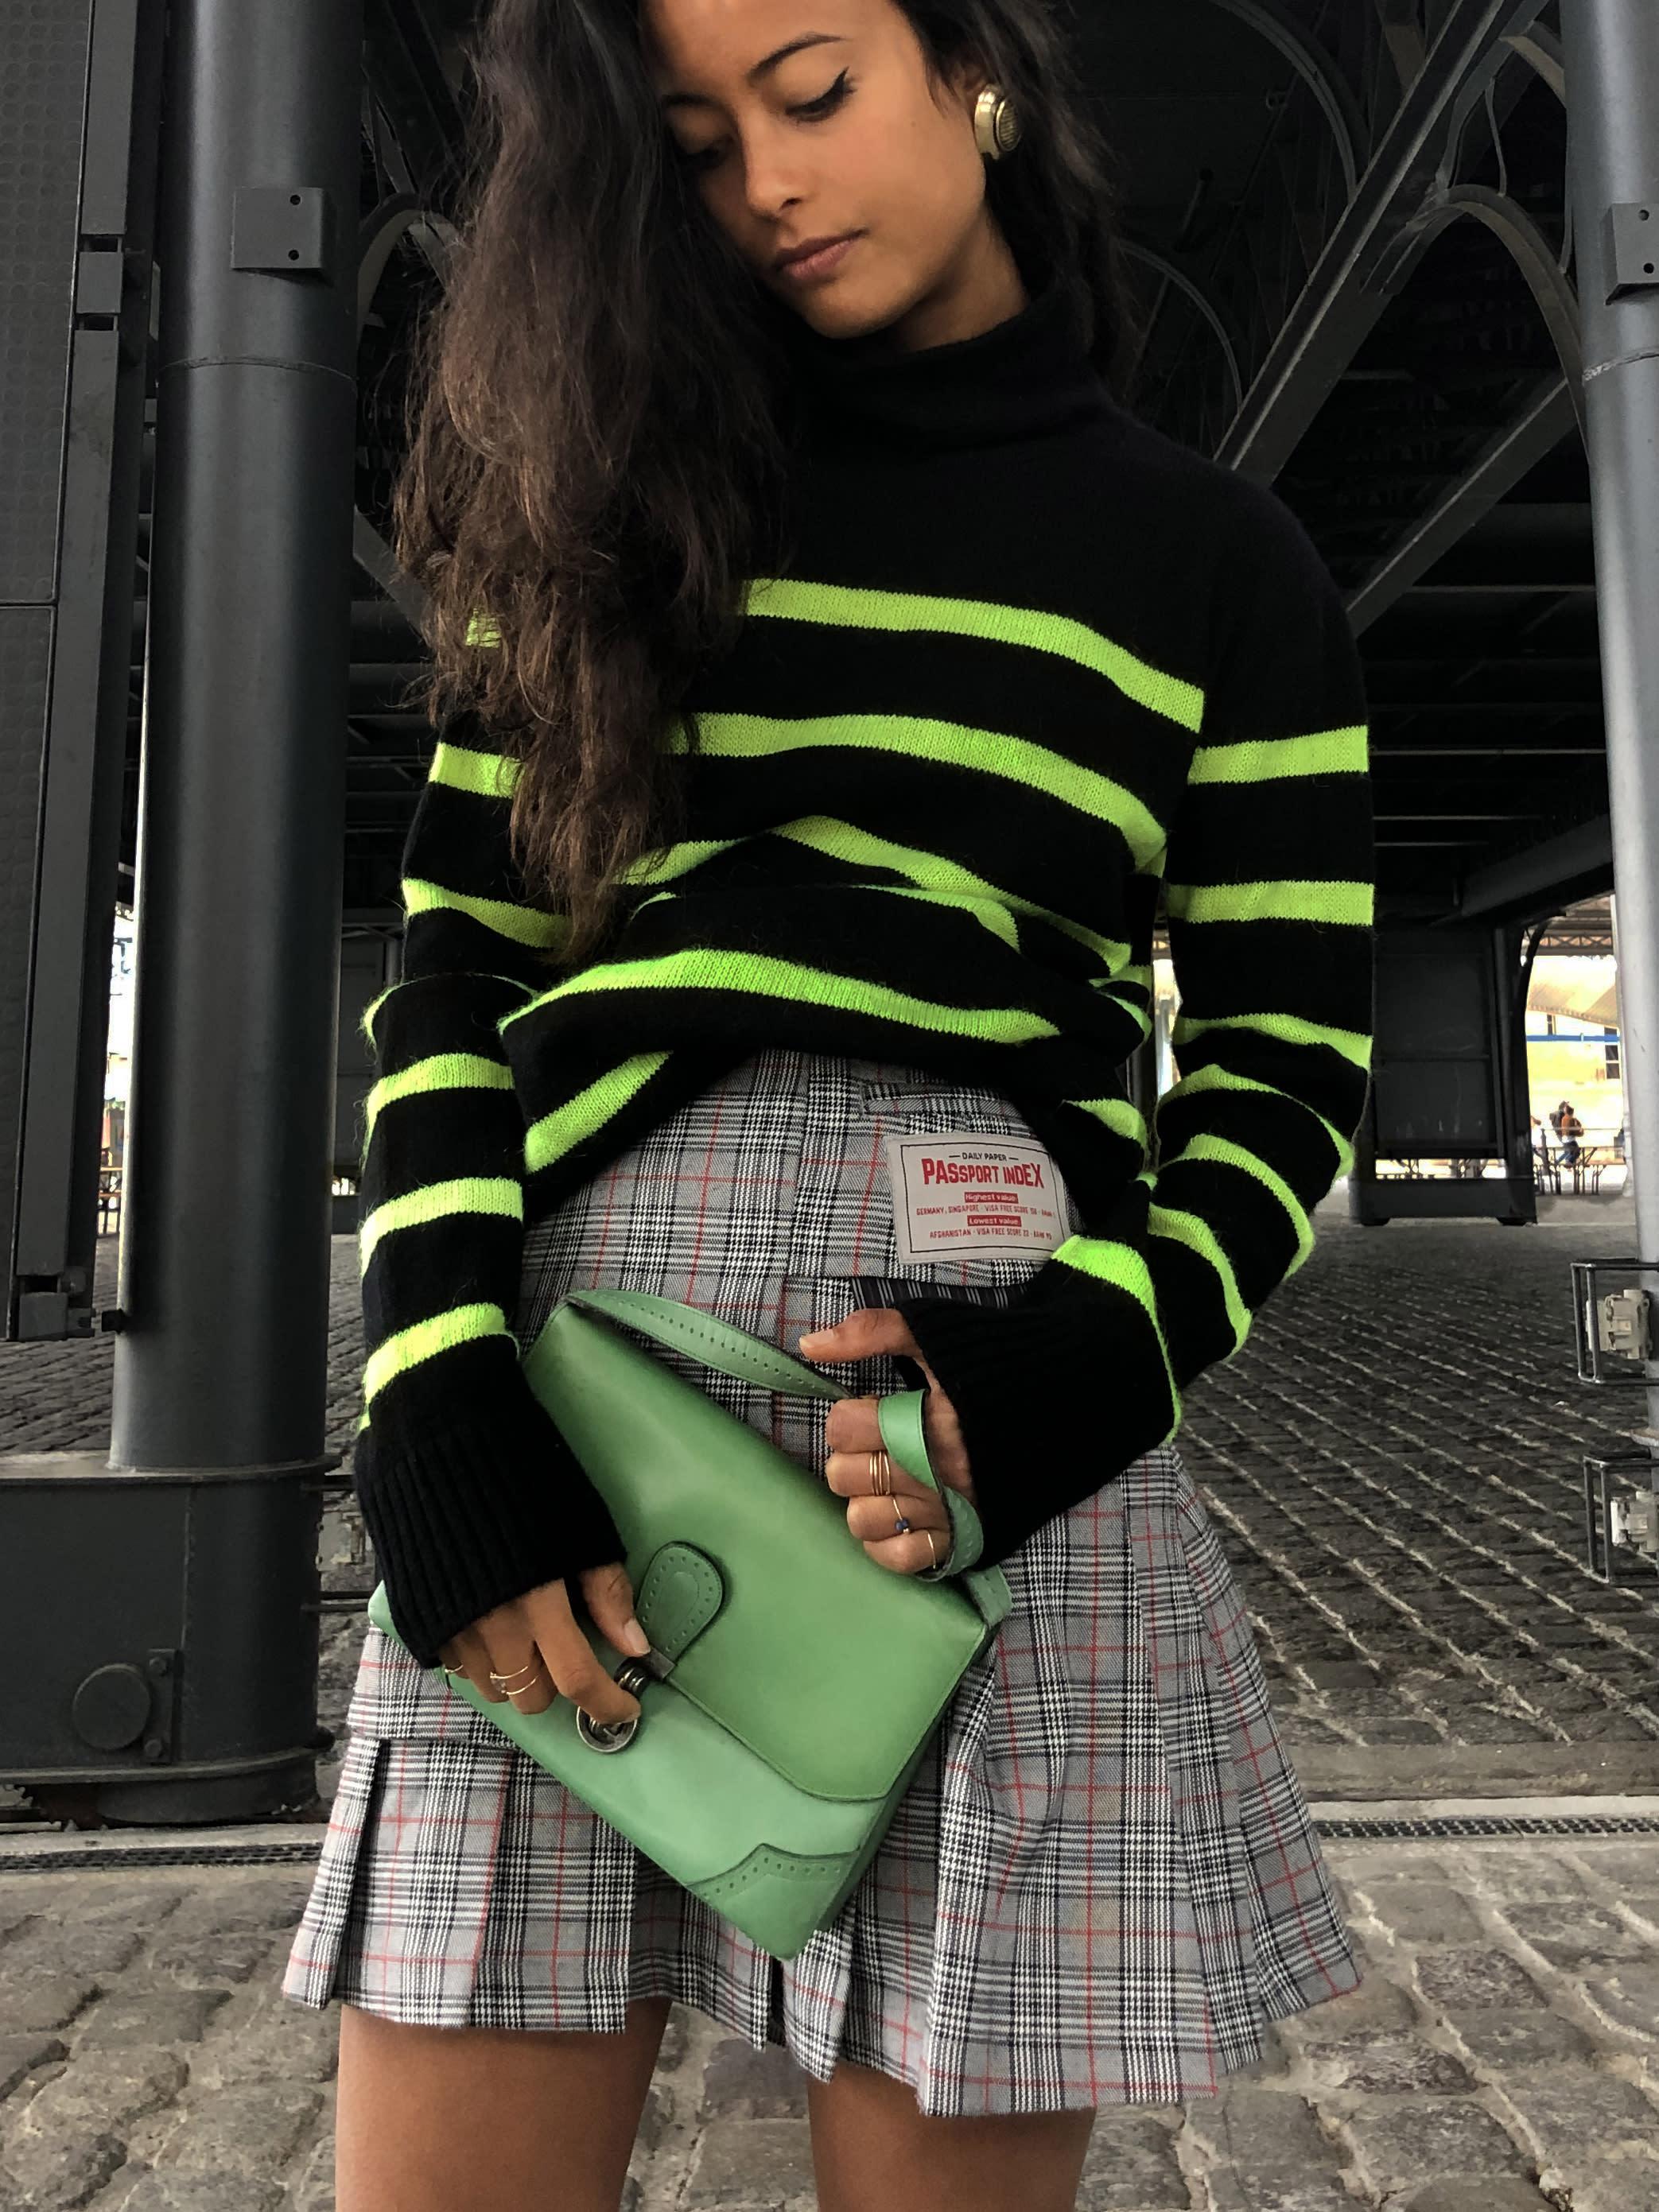 Modèle qui porte le produit Sac à Main Pochette Vert Vintage de la marque Charles Jourdan Vintage